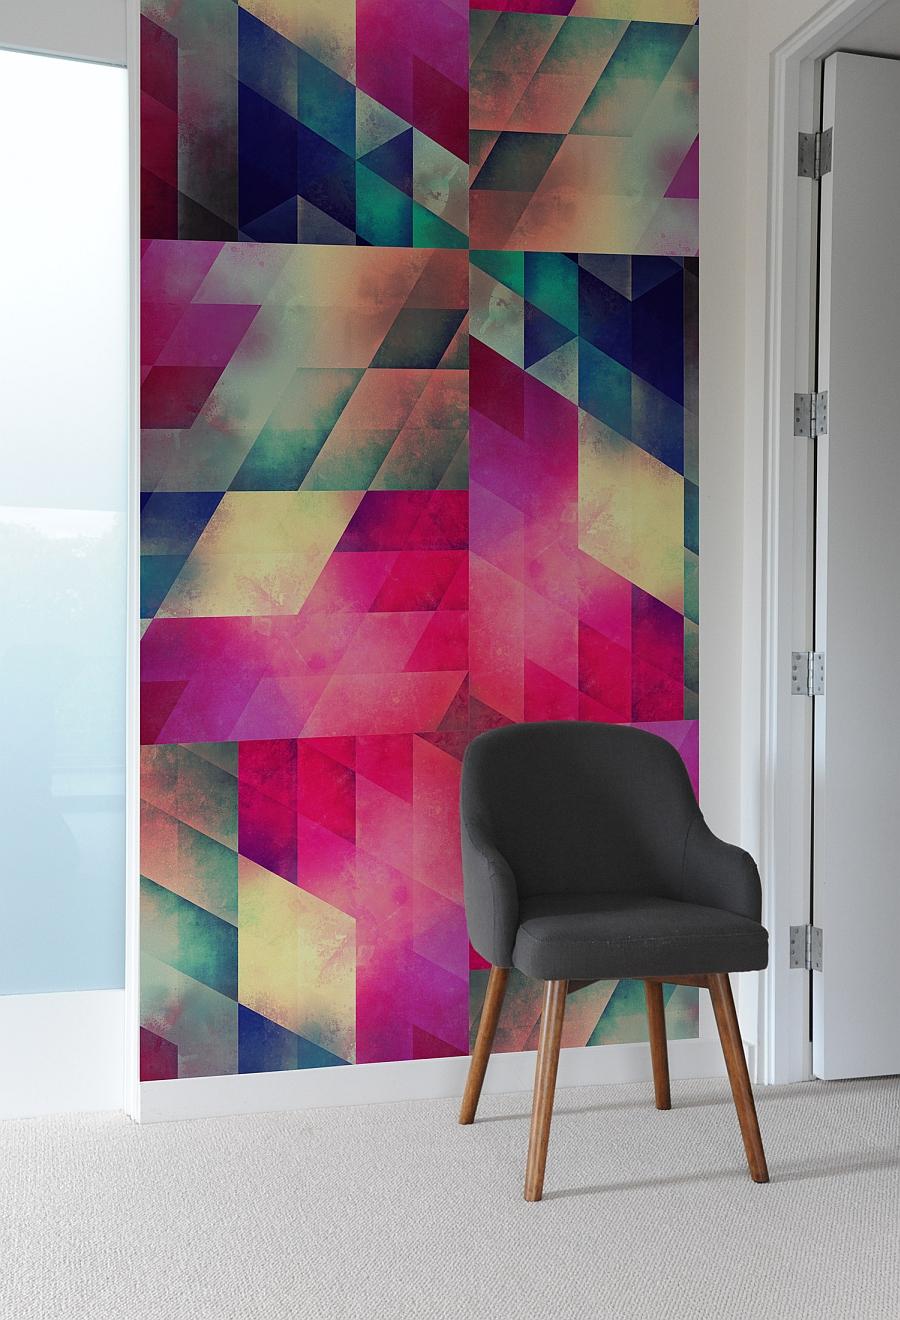 Wall design tiles